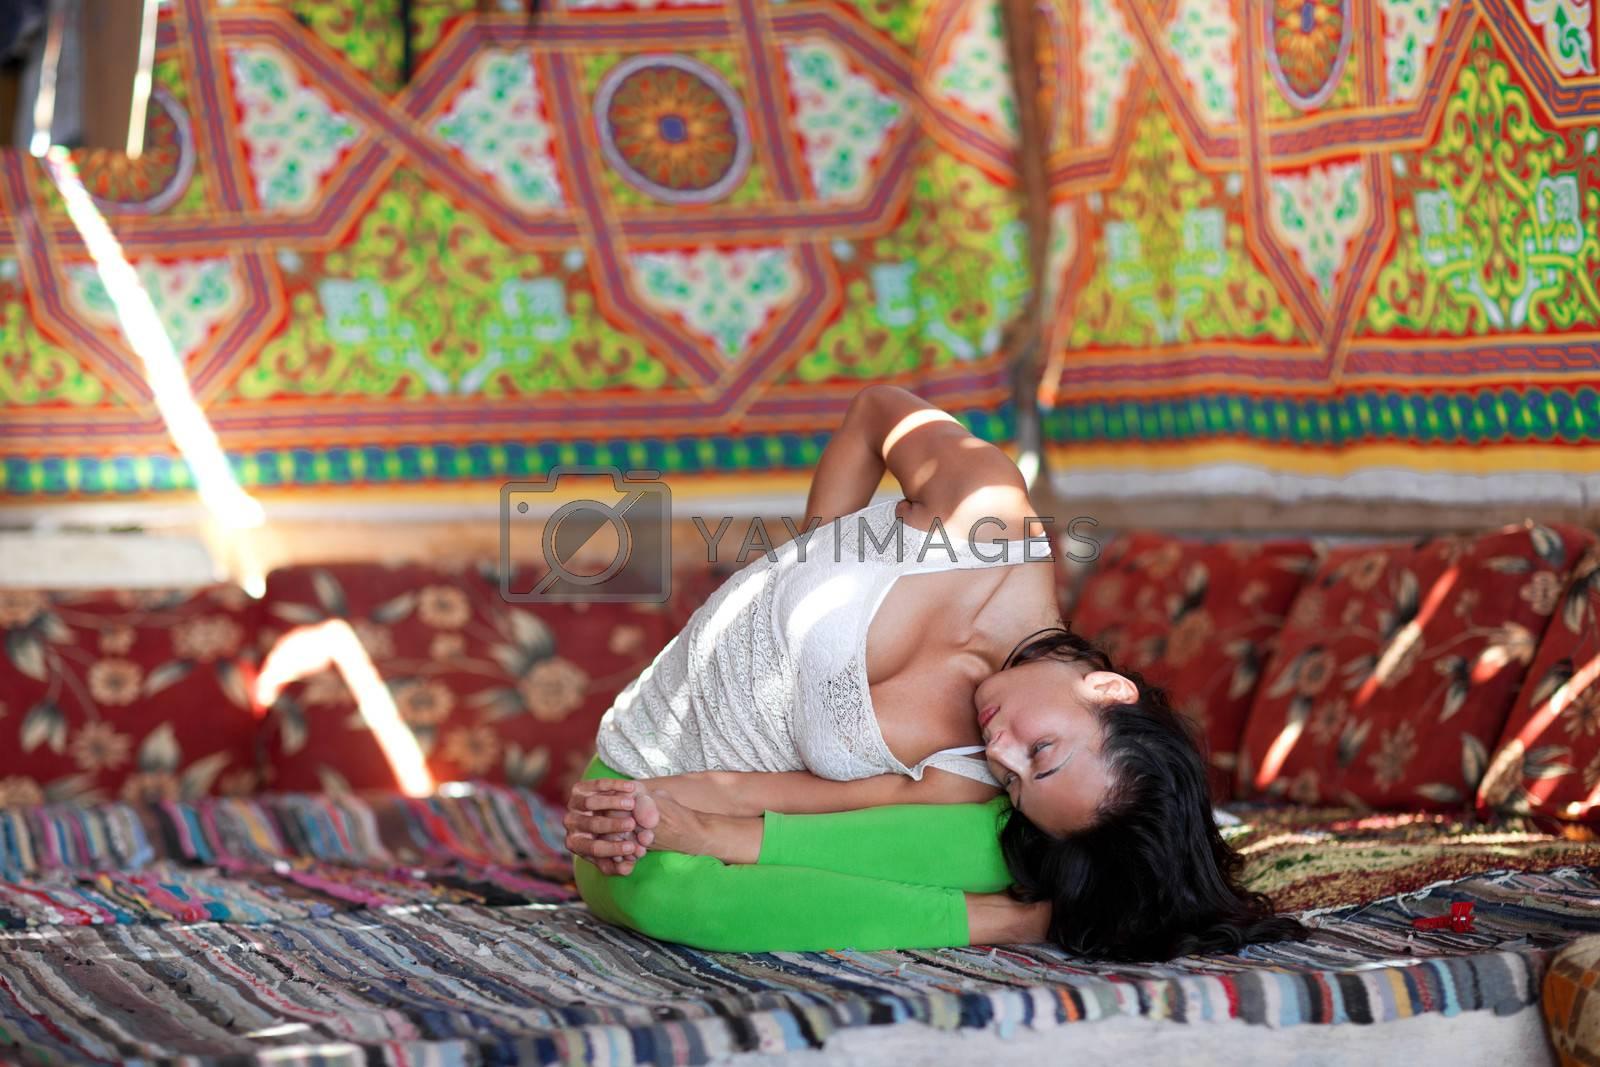 girl doing yoga indoors